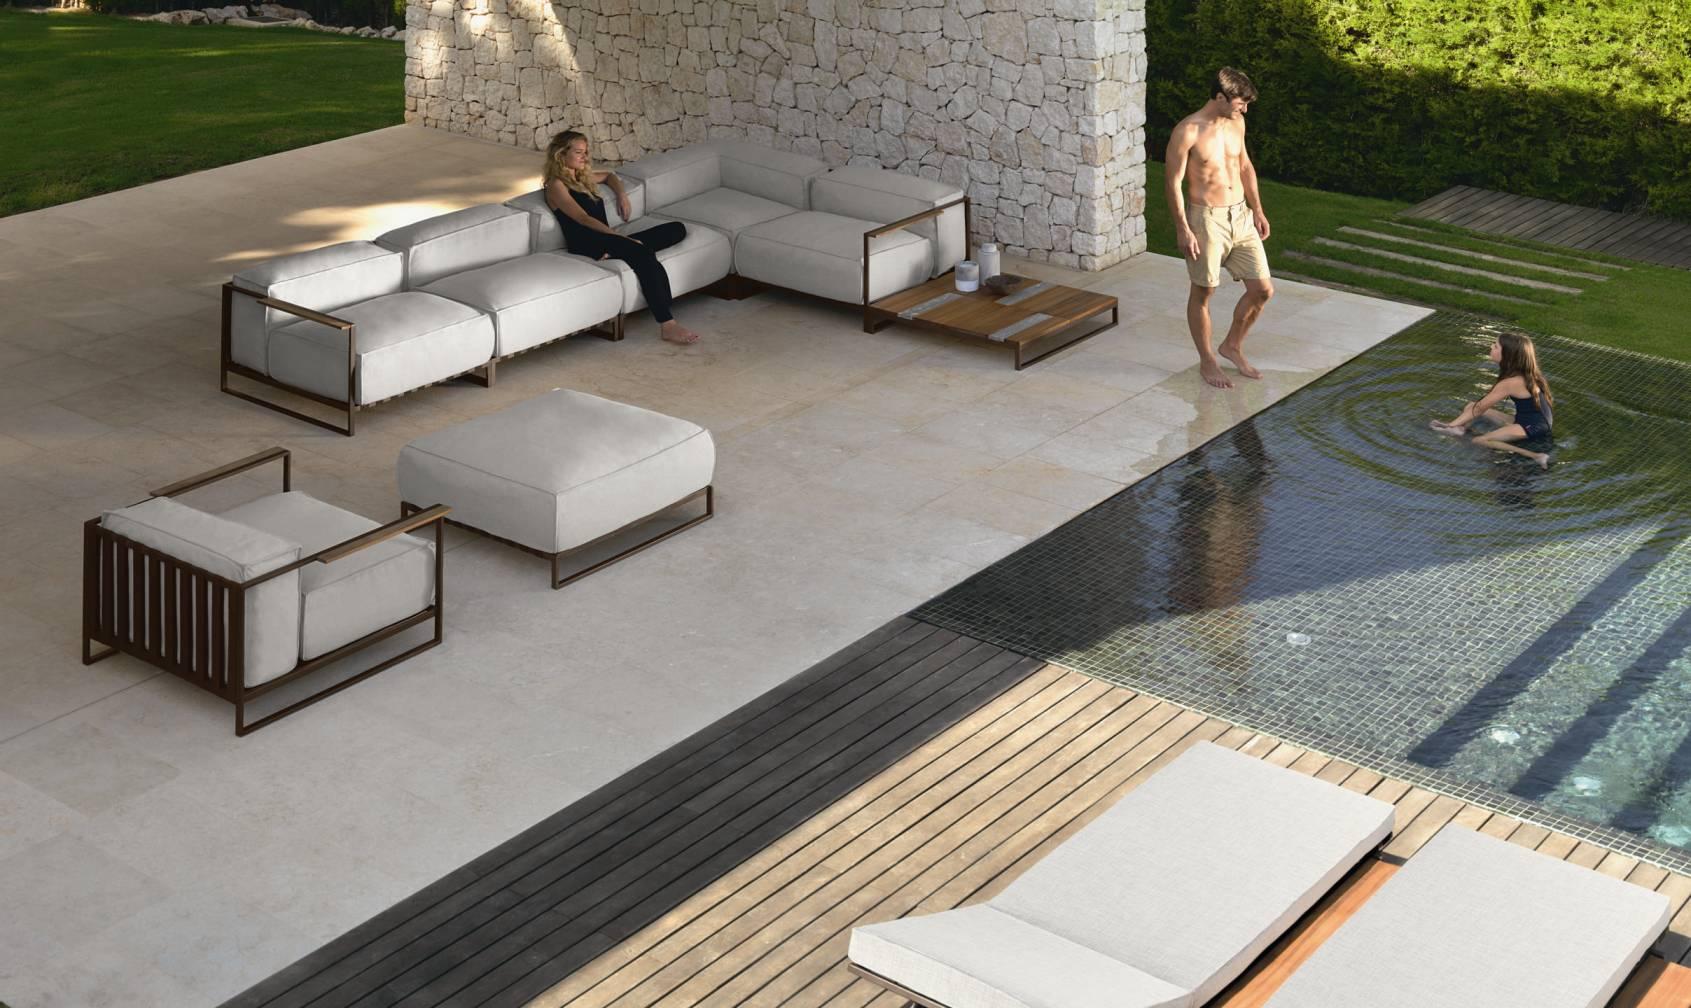 Dondolo Da Giardino In Legno : Vivereverde divano cx casildacollection divani letto da giardino